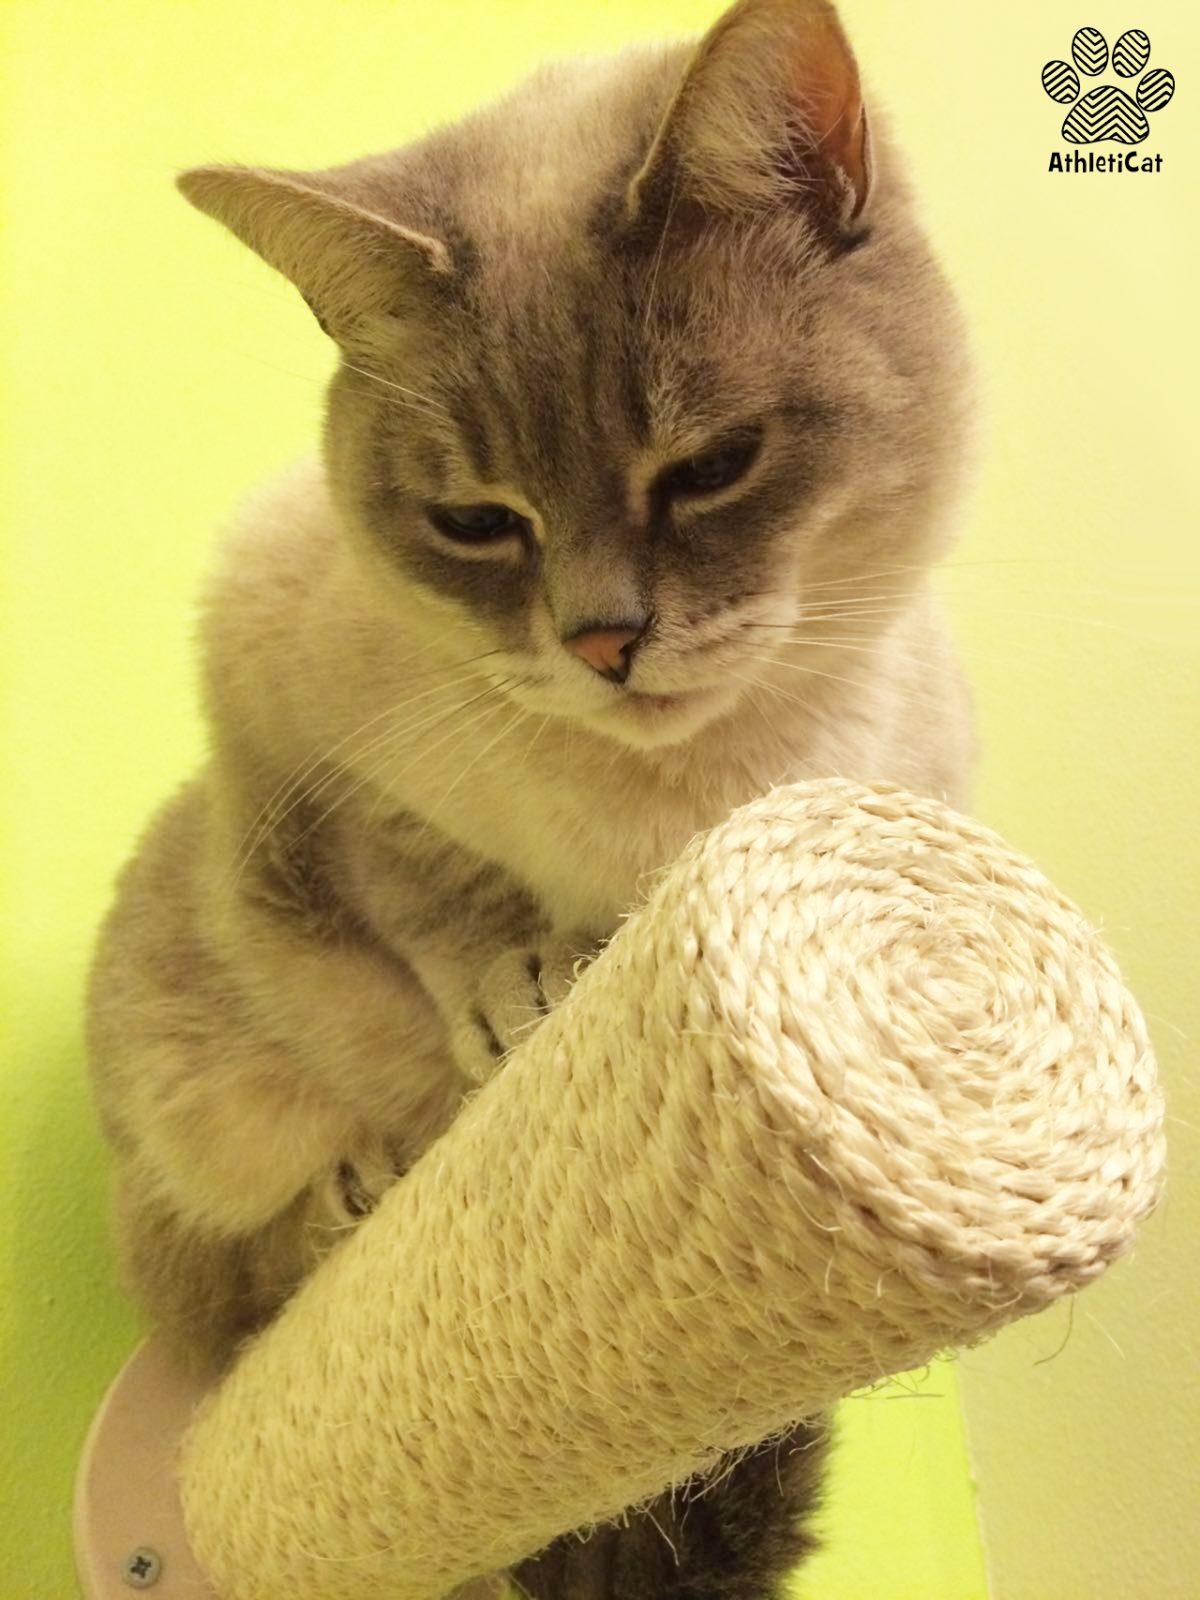 Palestra per gatti in legno - AthletiCat.it